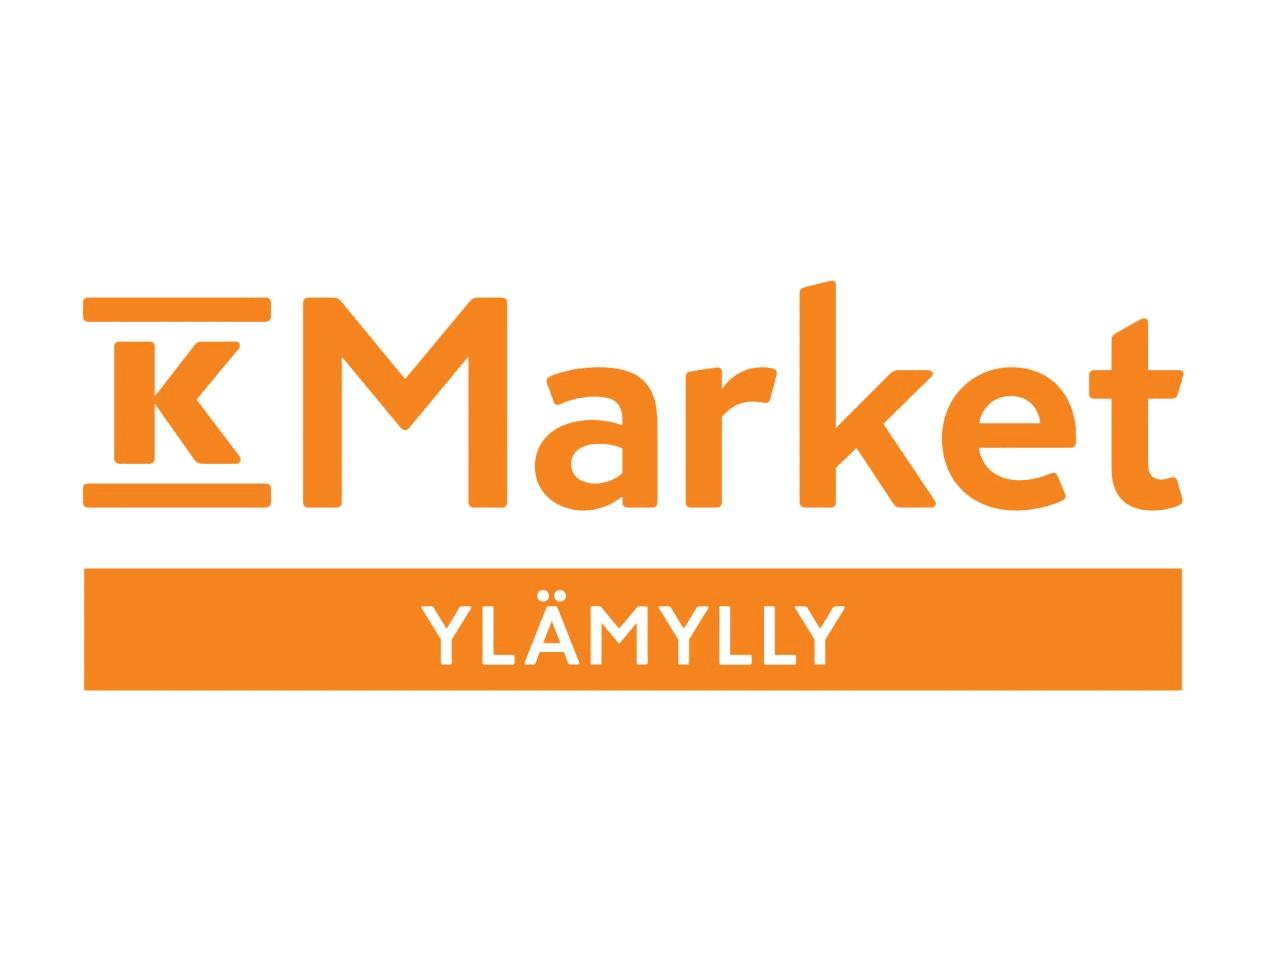 K-Market Ylämylly